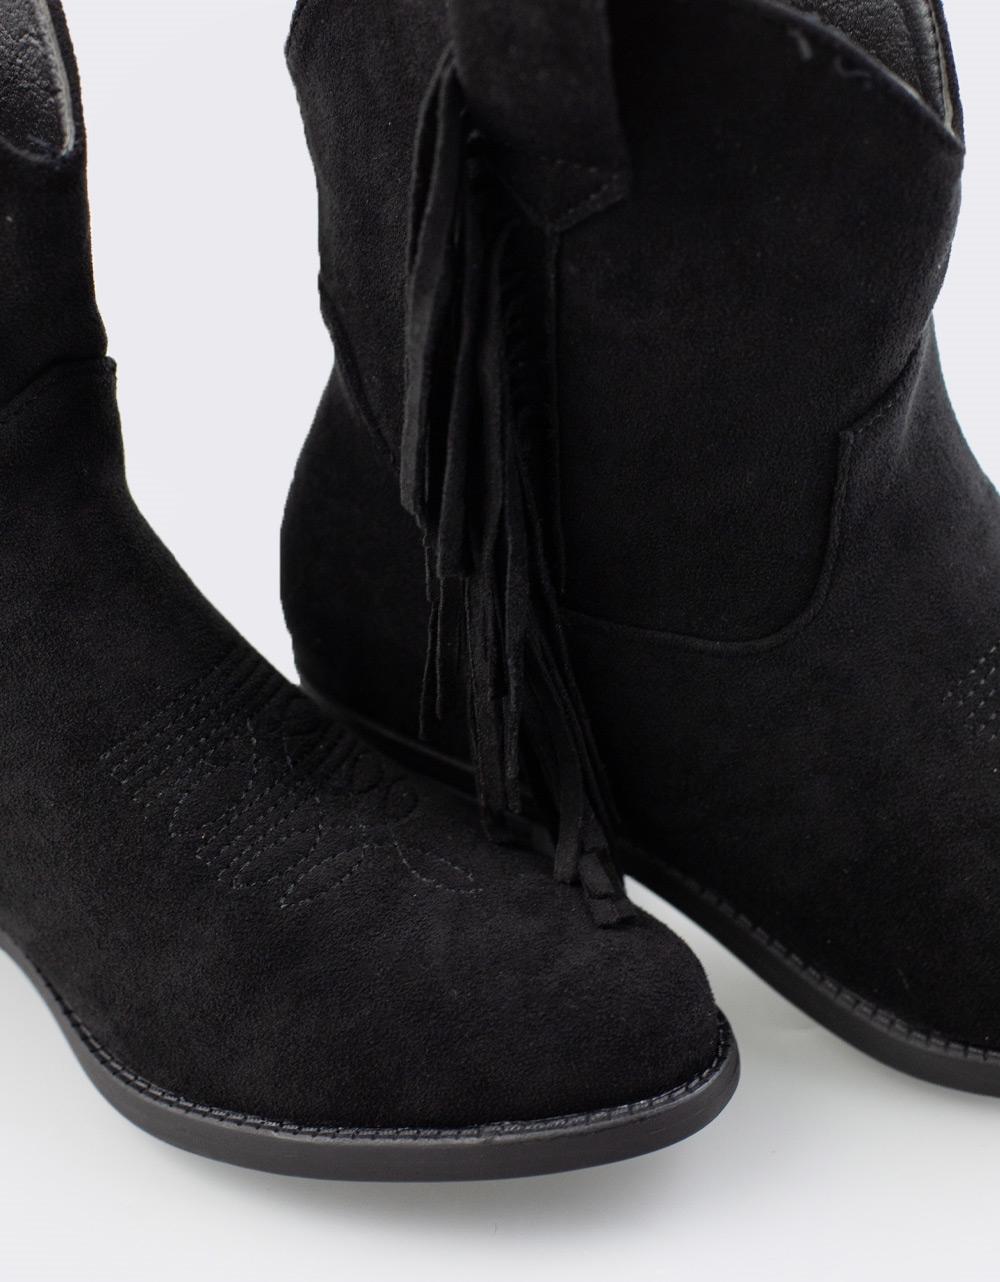 Εικόνα από Γυναικεία μποτάκια με κροσσάκια Μαύρο